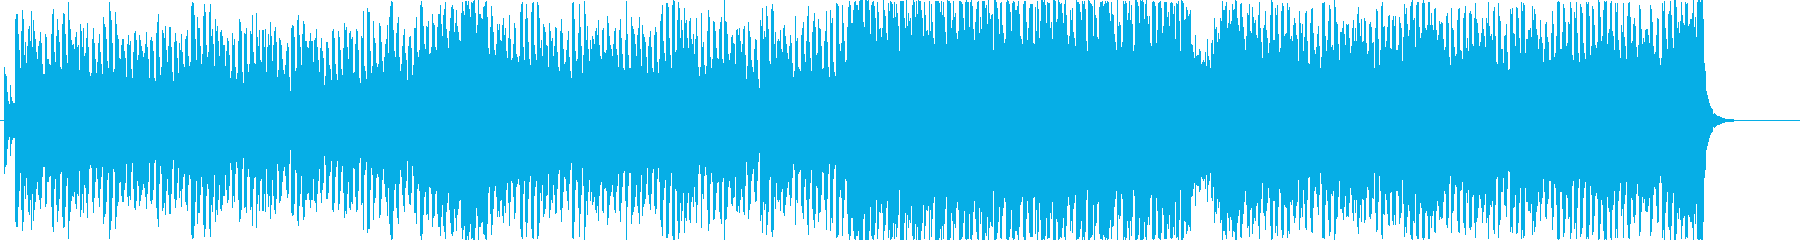 奇麗なピアノメロディのエレクトロポップの再生済みの波形